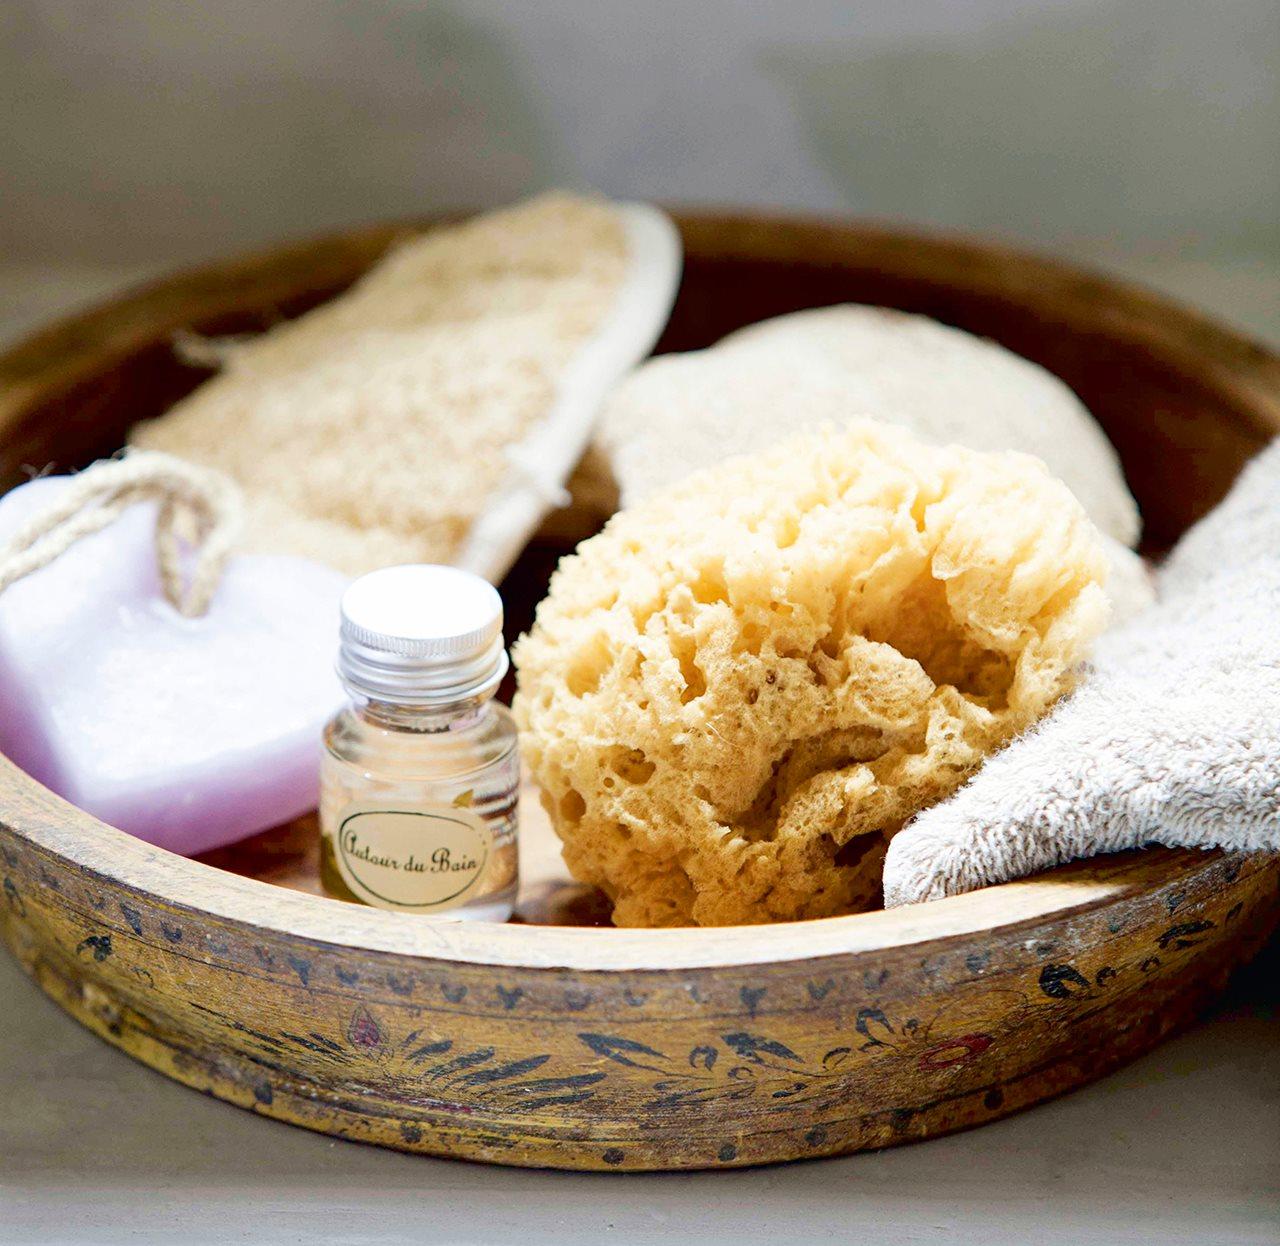 Detalle de cesto con esponjas y jabones. Desinfecta las esponjas.